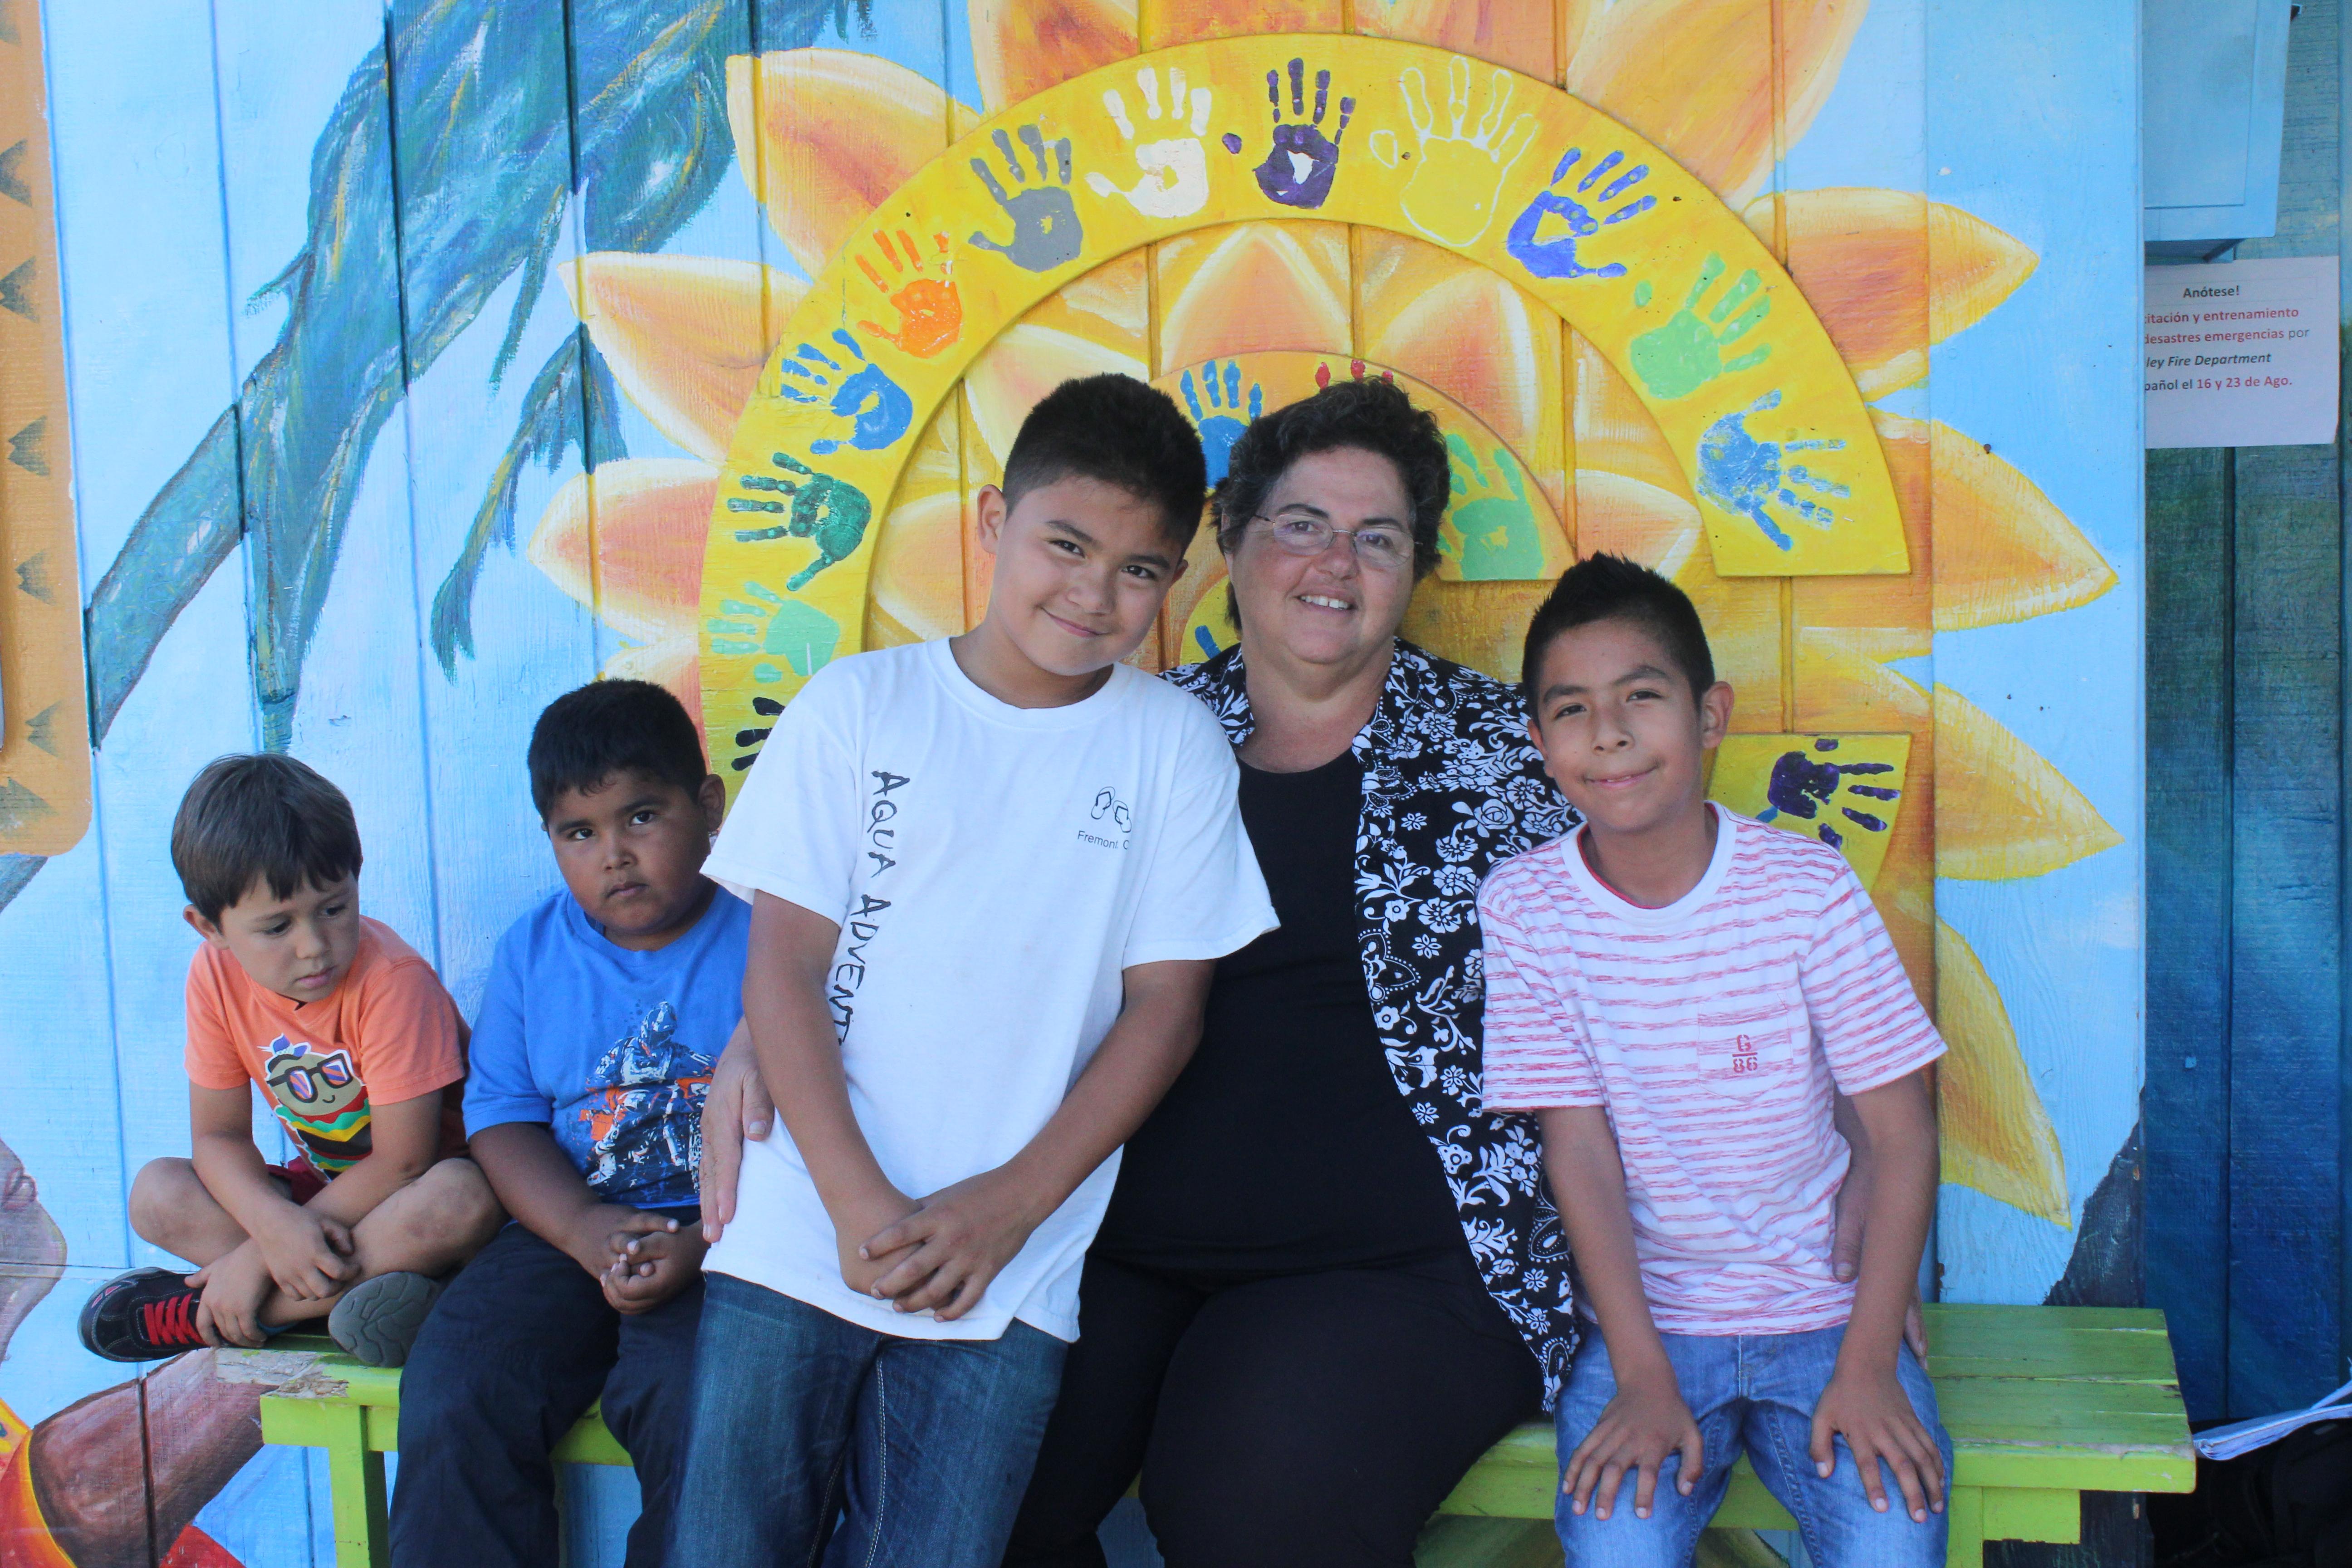 Martha Cueva con unos niños del programa extraescolar del Instituto del Área de la Bahía para el Progreso Hispano. Foto: Clara Roig Medina.